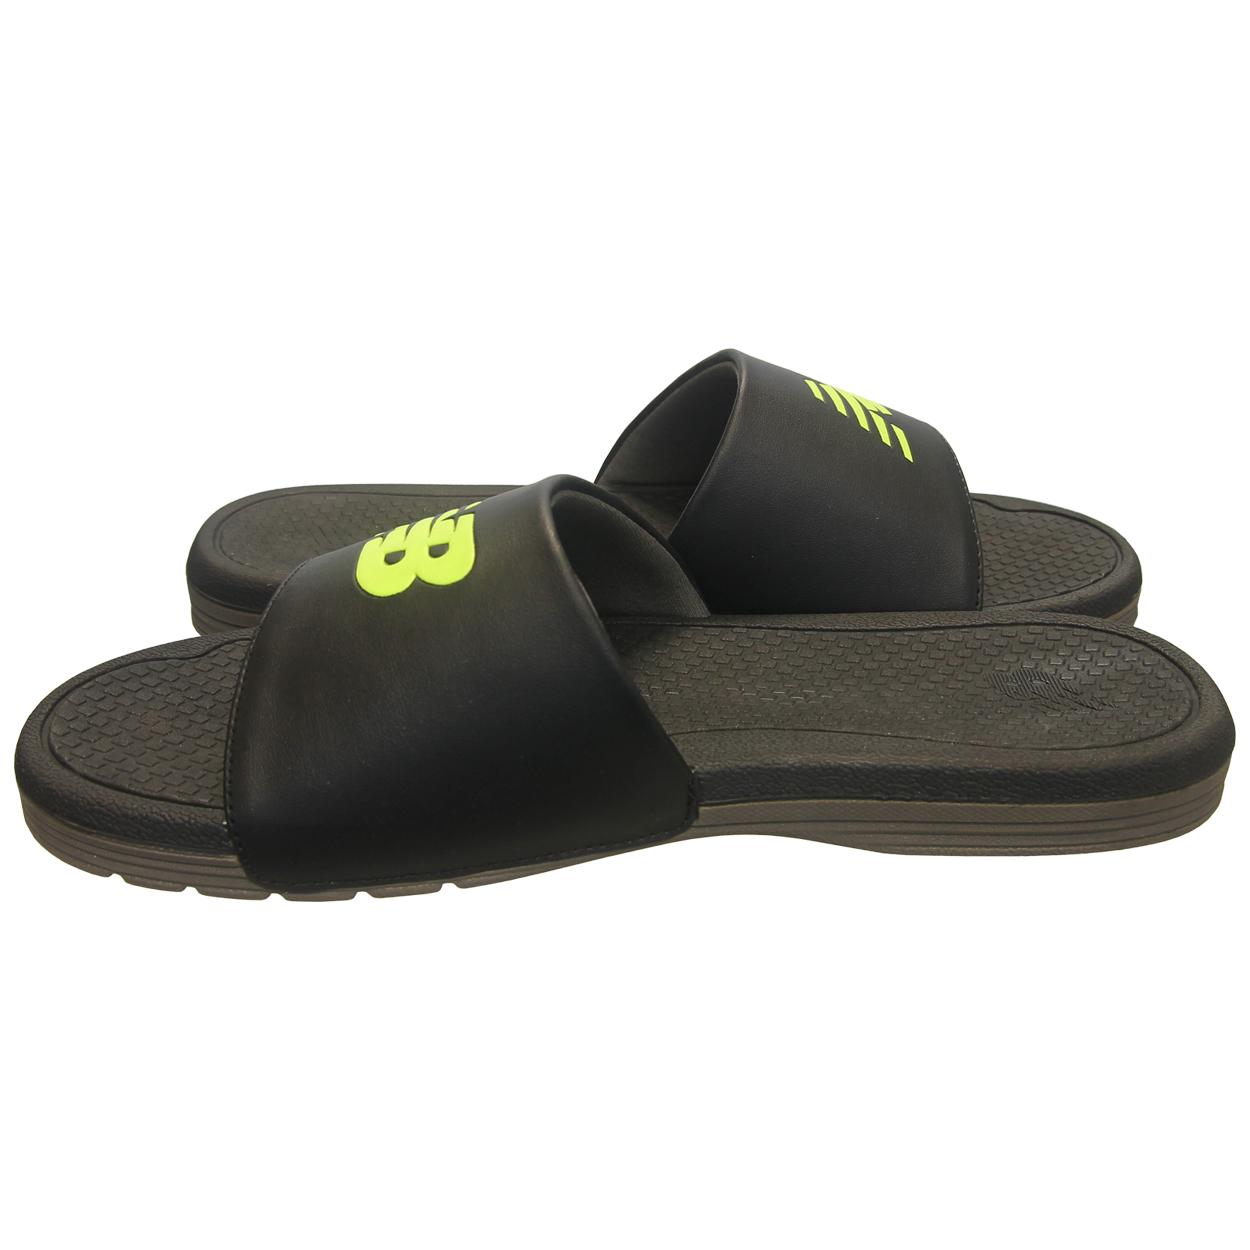 79cdd9bf88df Details about New Balance Men s Pro Slide Sandal